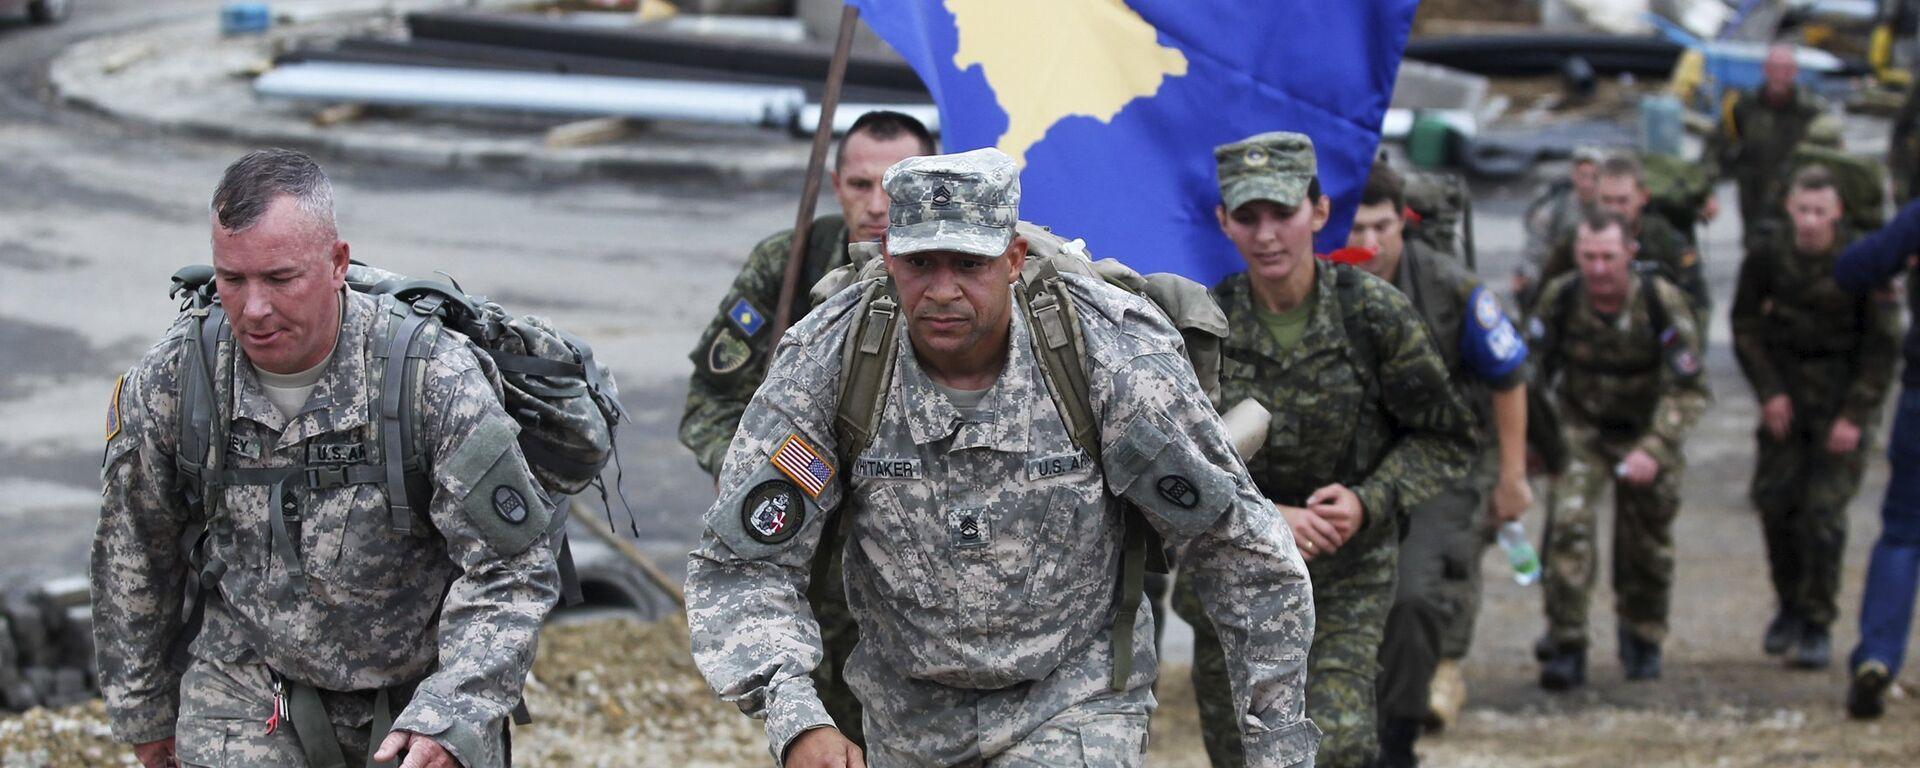 Два америчка војника марширају припадника испред Косовских безбедносних снага (КБС) који носе  заставу самопроглашеног Косова  - Sputnik Србија, 1920, 02.01.2021